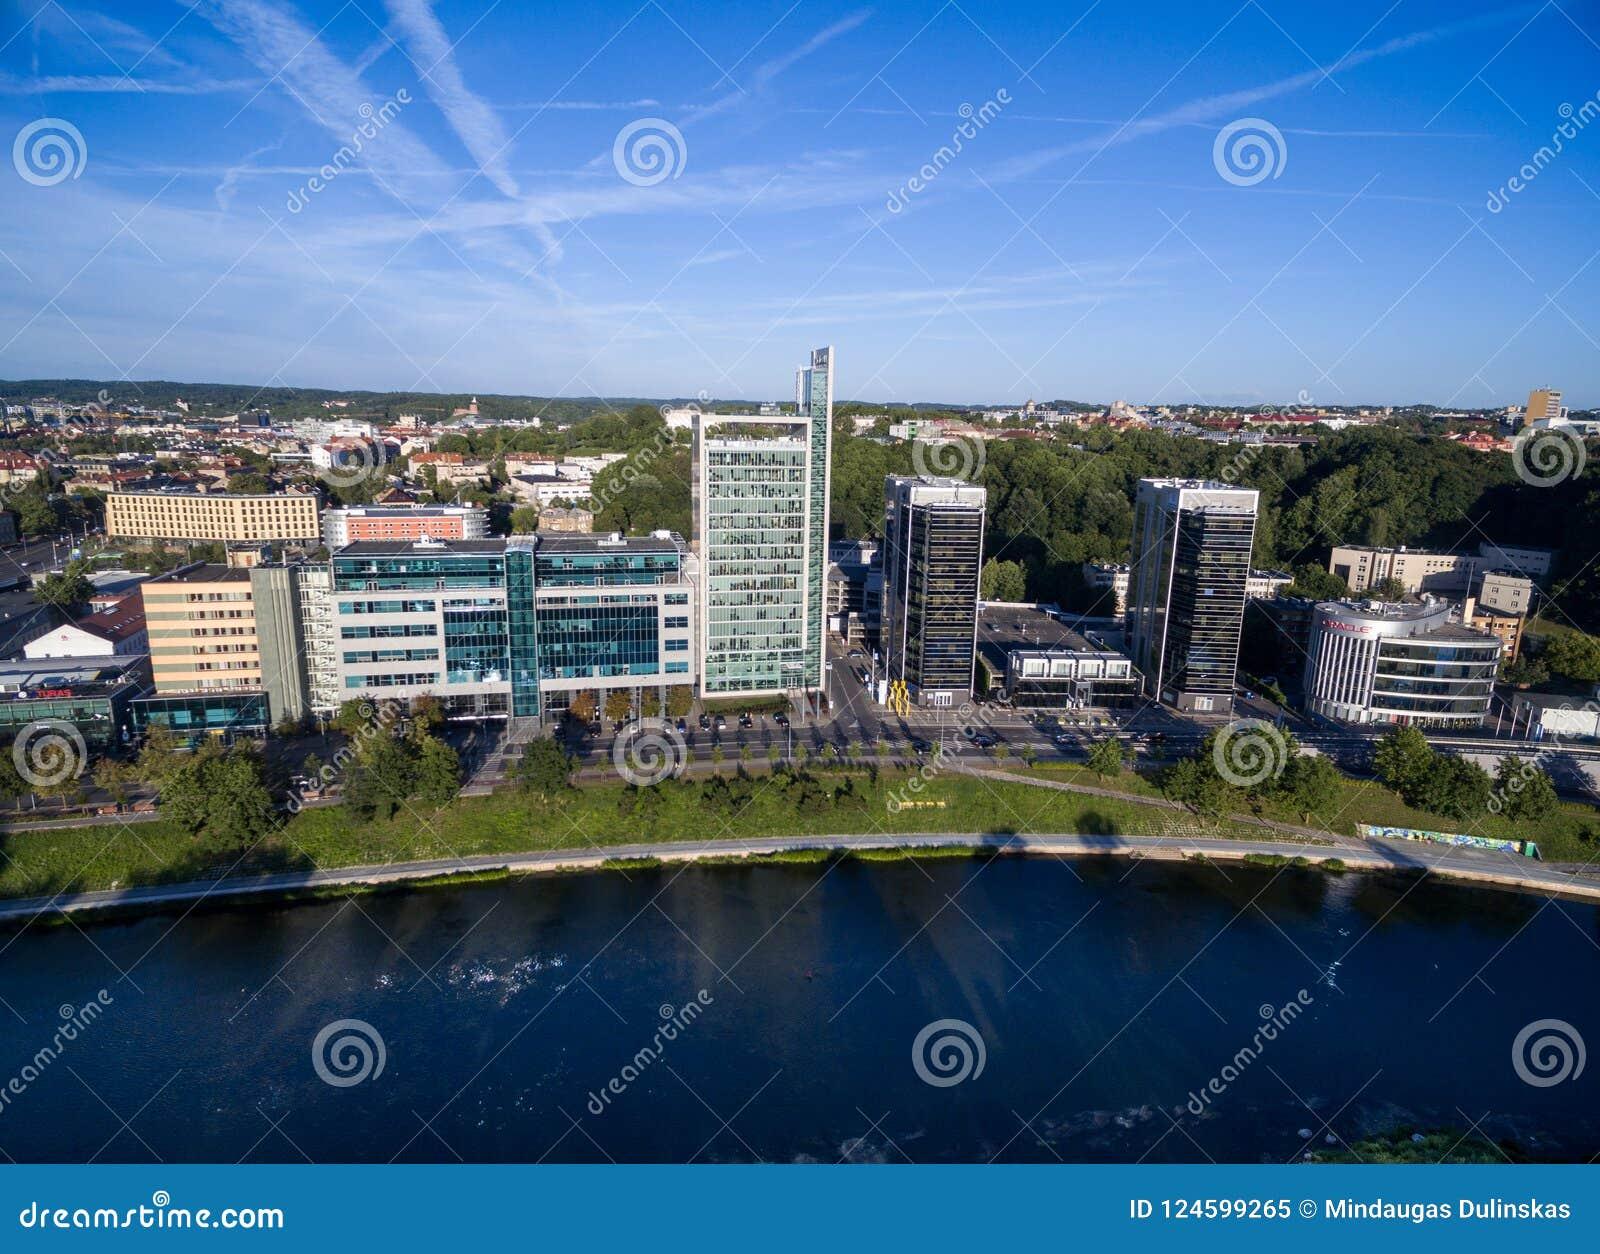 VILNIUS, LITUANIA - 6 AGOSTO 2018: Triangolo di affari di Vilnius con il fiume Neris In Foreground